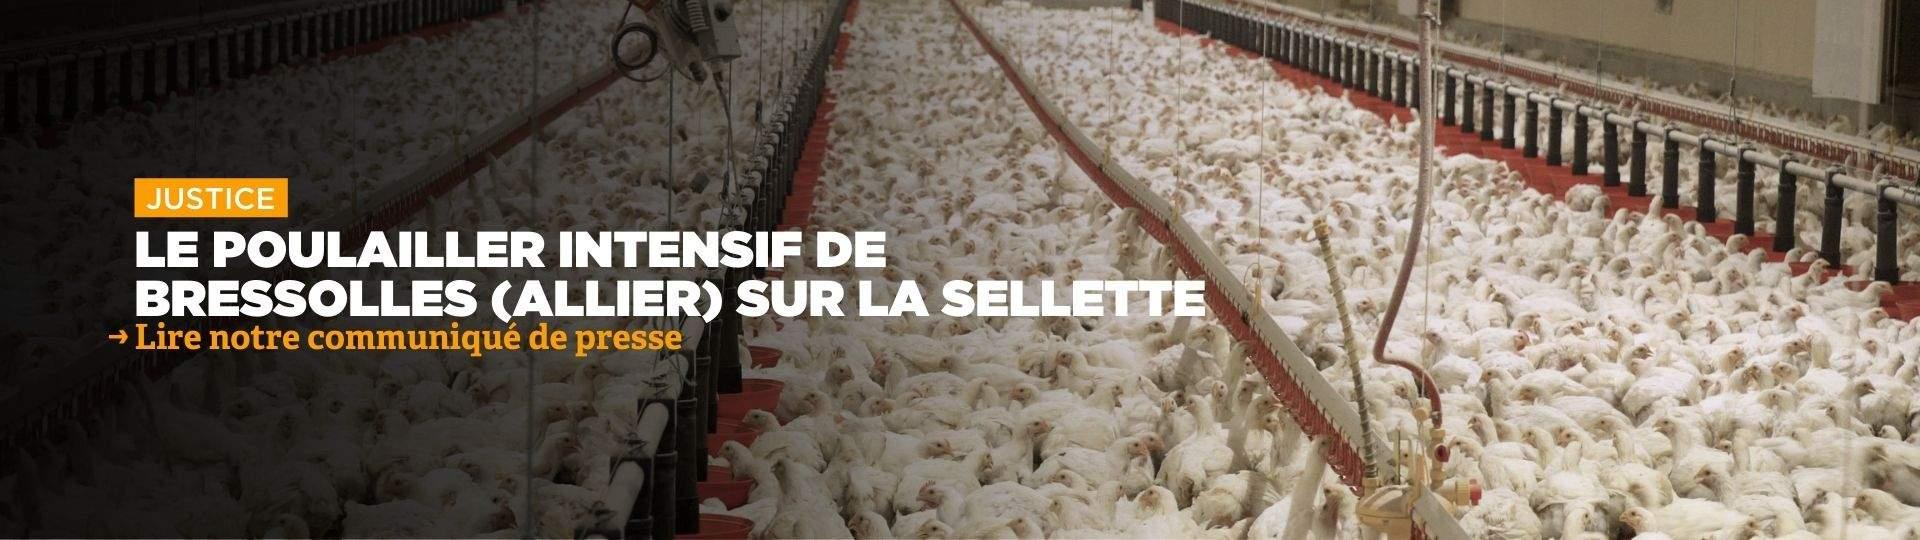 Poulailler de Bressolles : le rapporteur public défavorable au projet